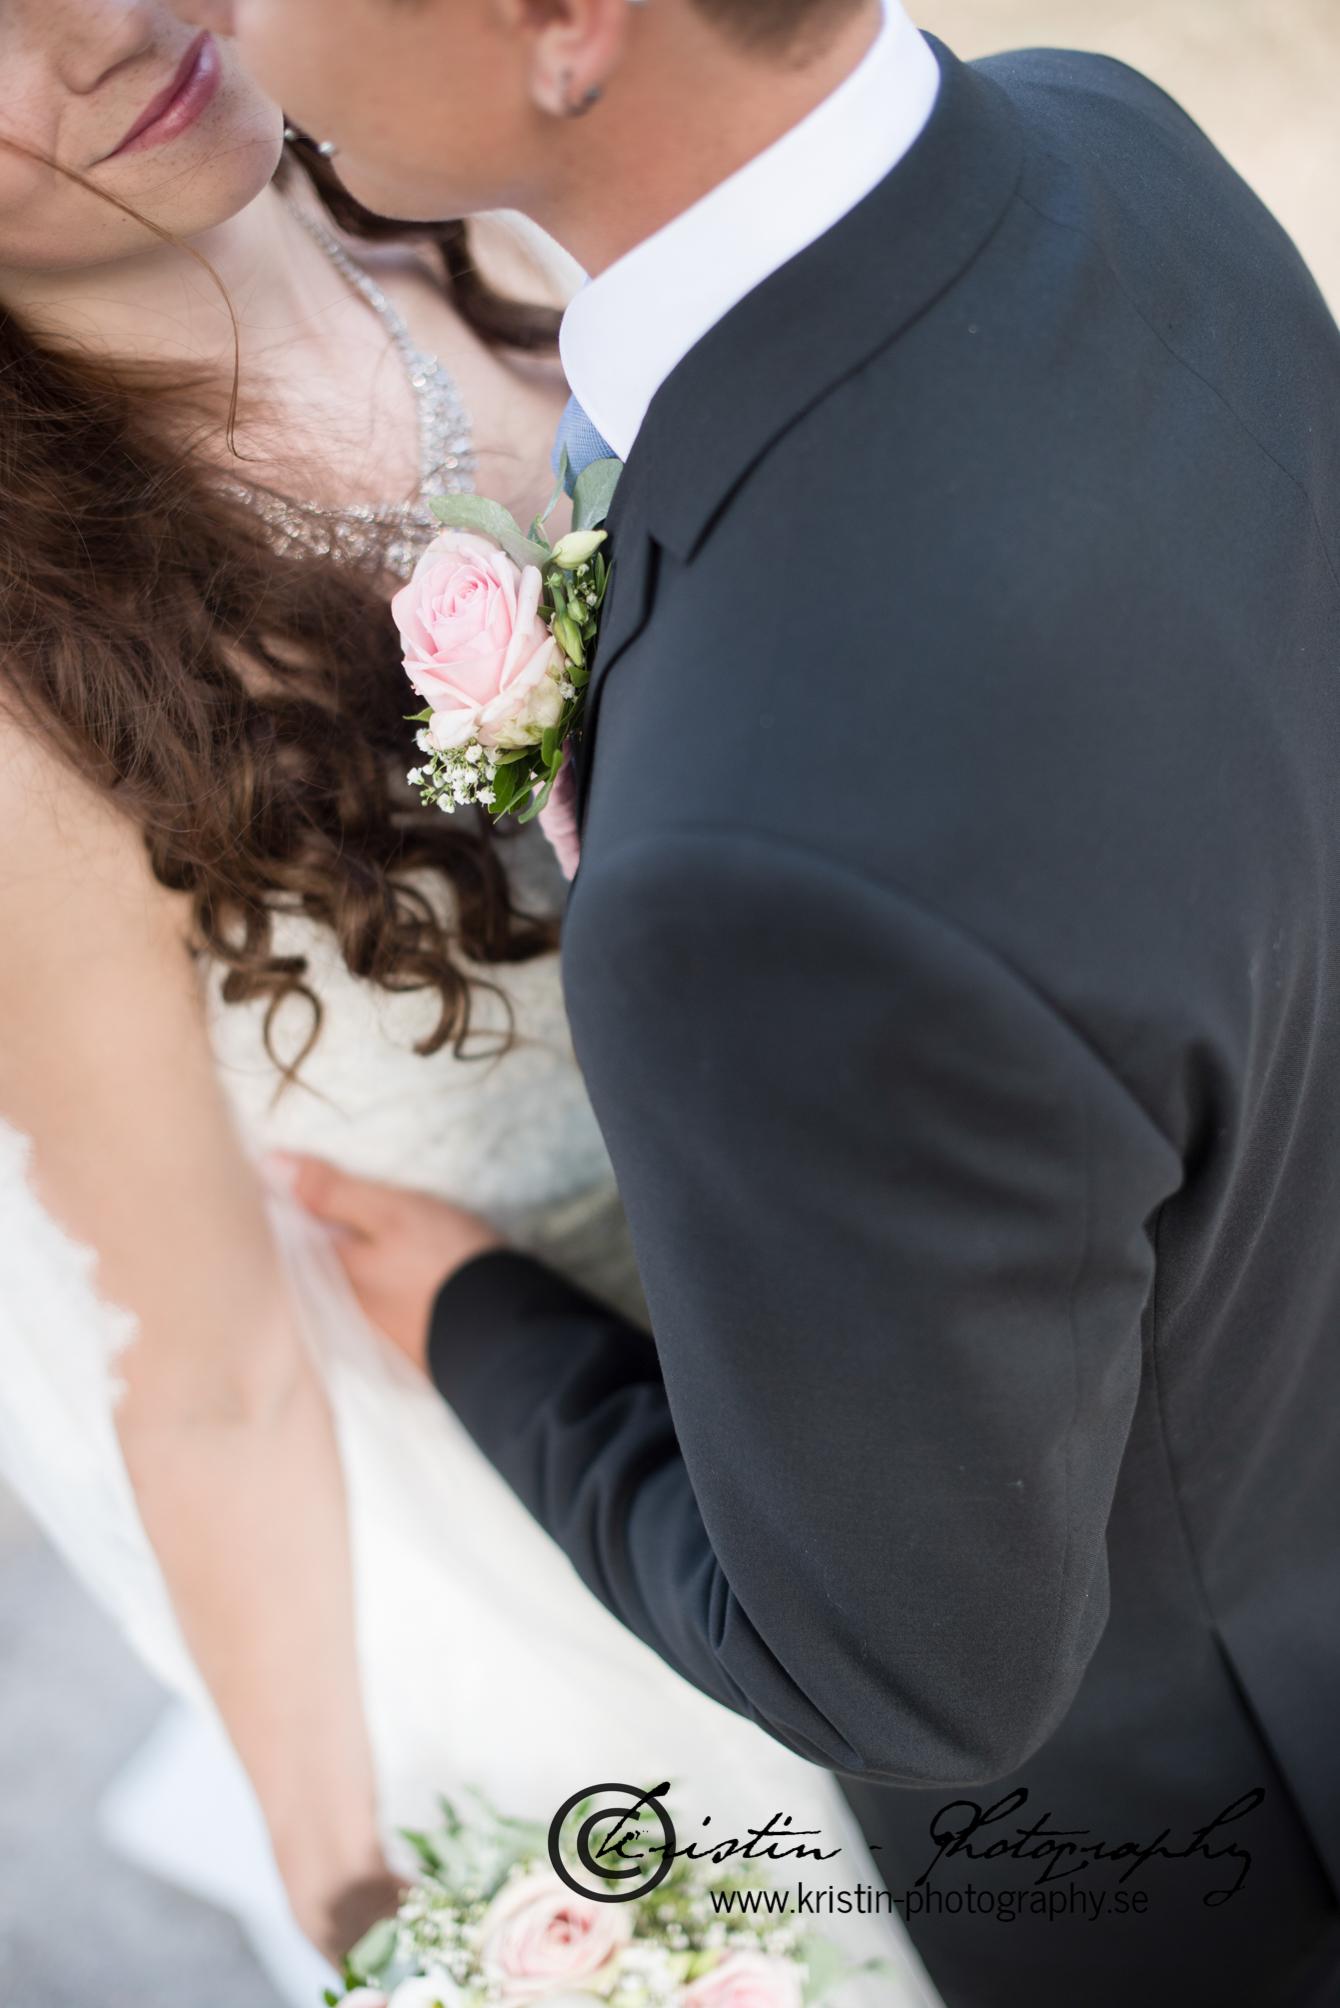 Bröllopsfotograf i Eskilstuna, Kristin - Photography, weddingphotographer -286.jpg